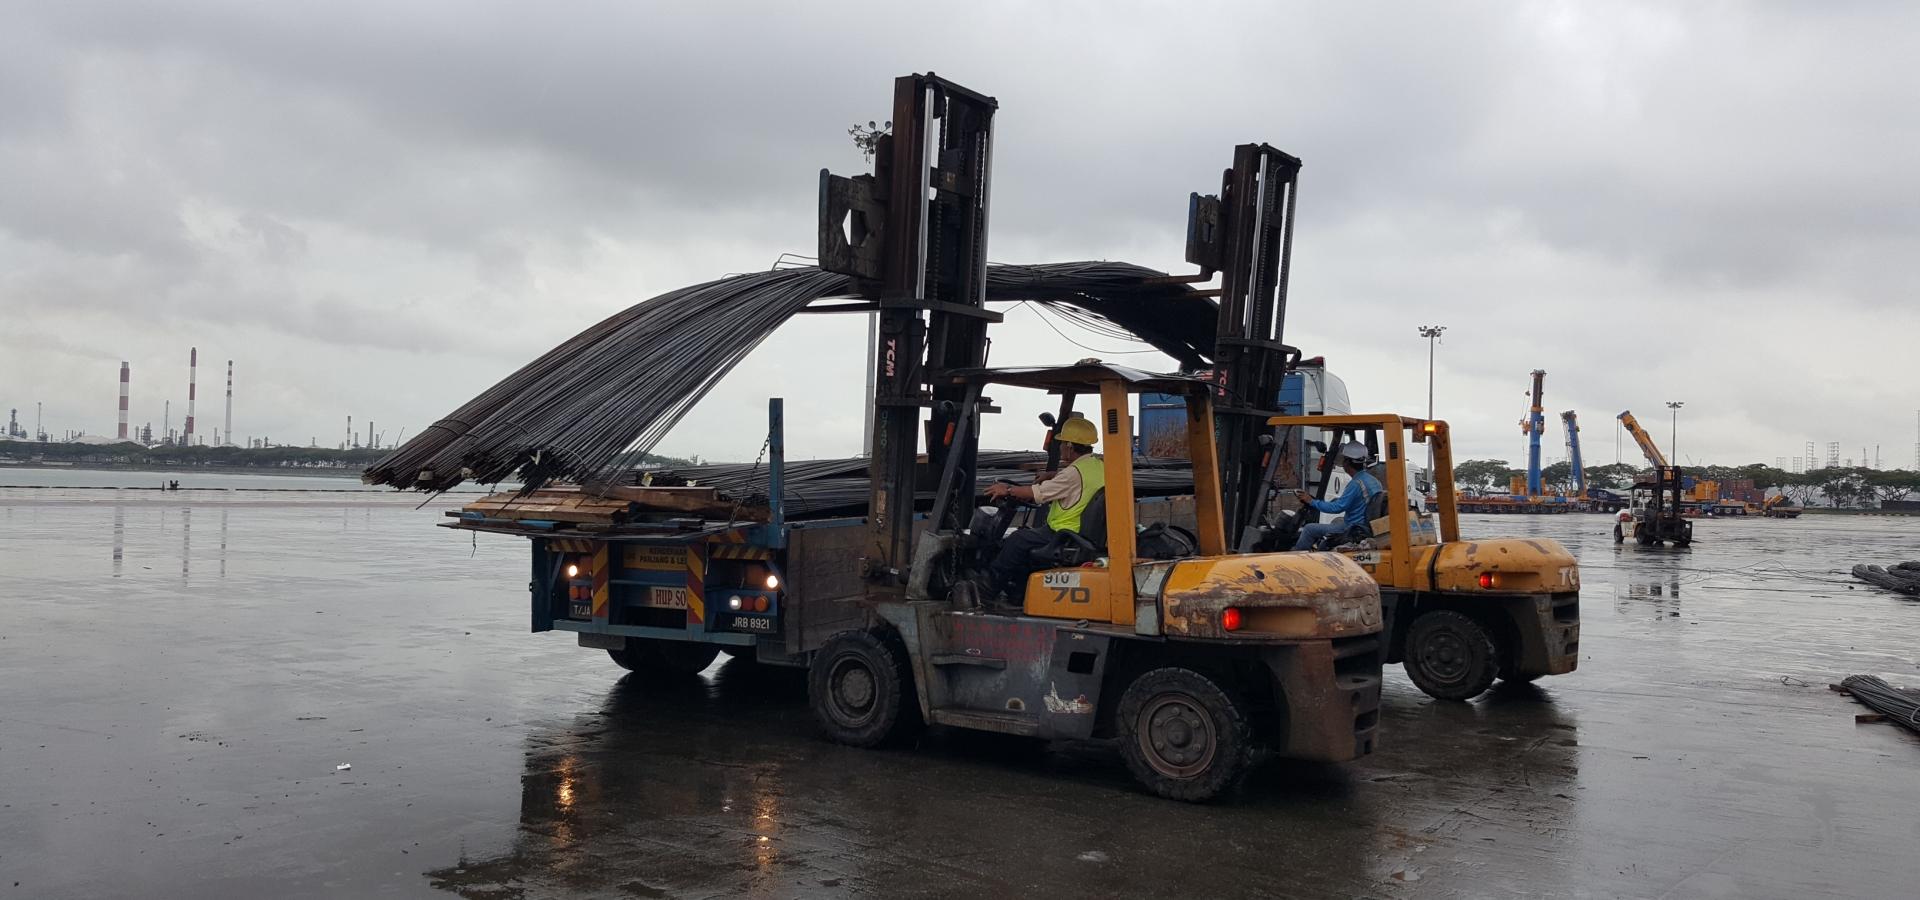 Heavy Cargo Handling, Port Clearance, Jurong Port, Steel, Forklift, Cross Border